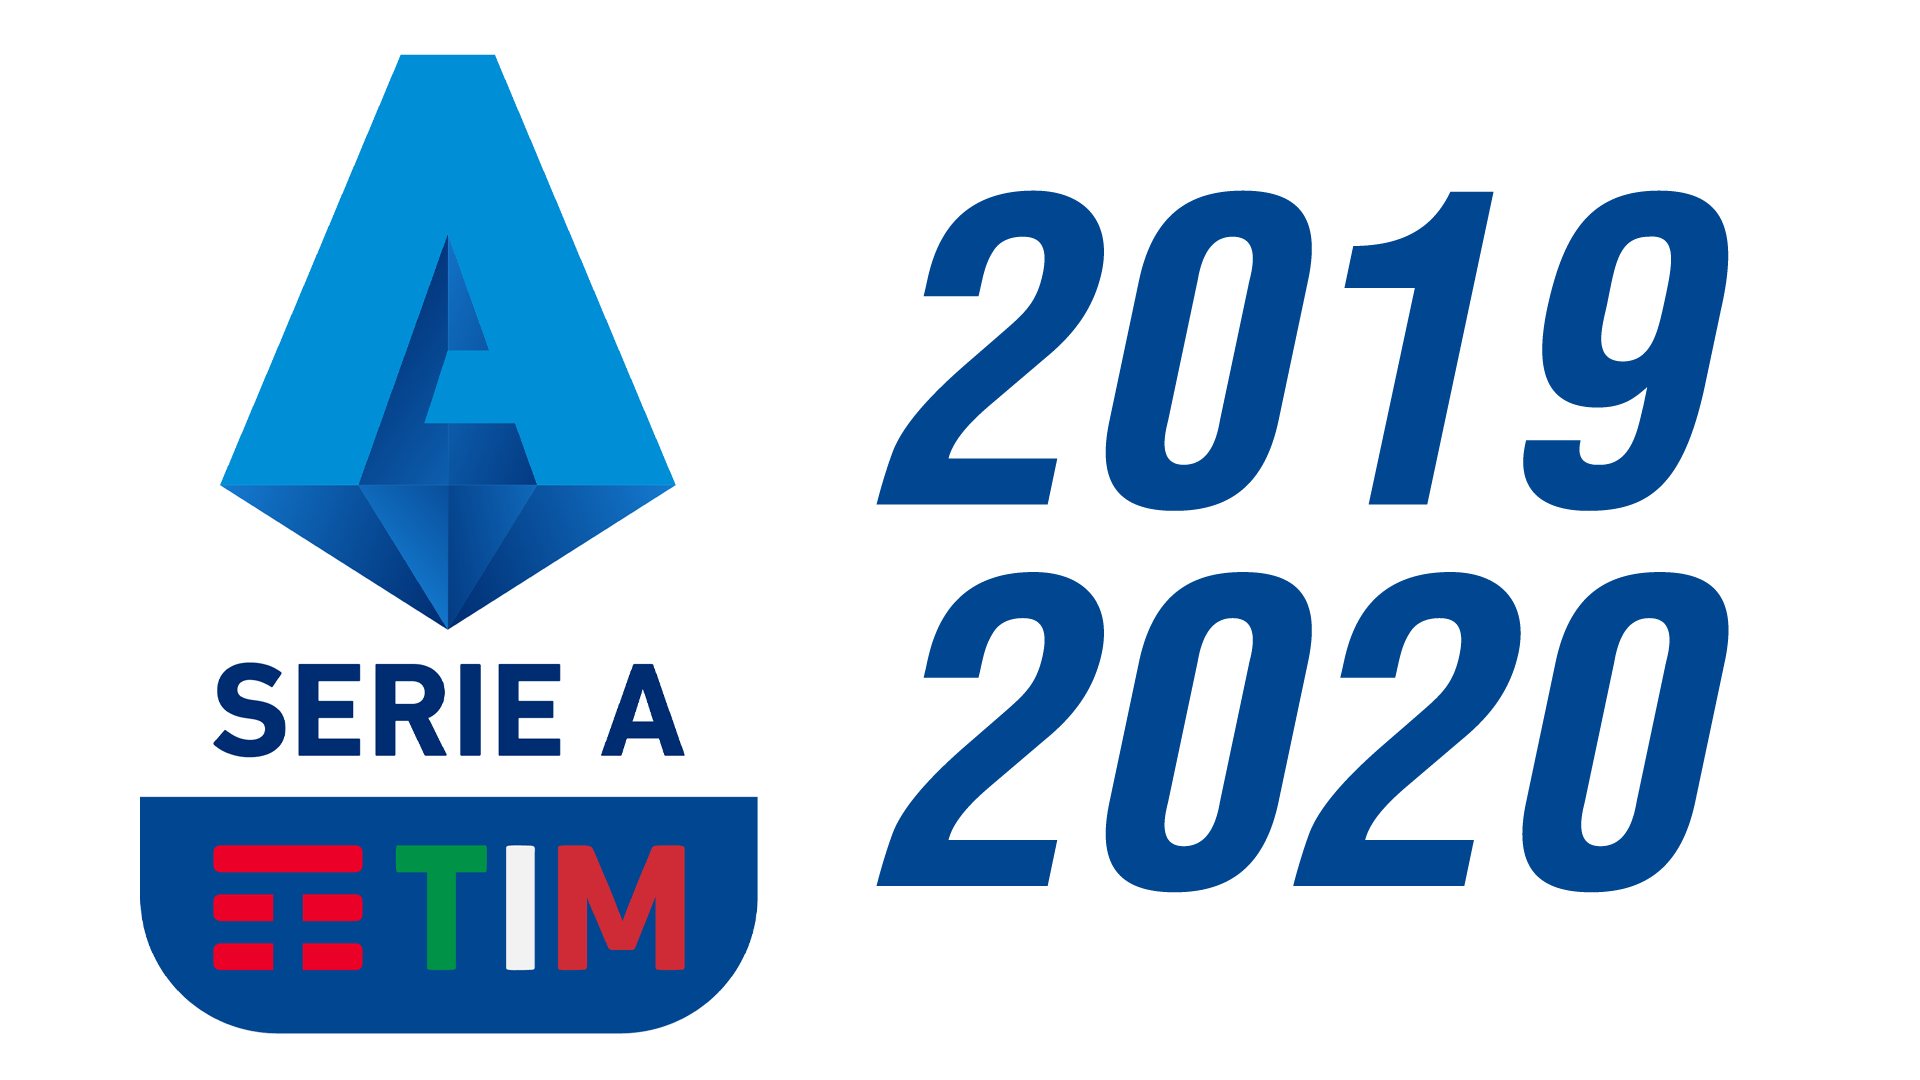 Calendario Seirie A.Calendario Serie A 2019 2020 Quando E Dove Vedere Le